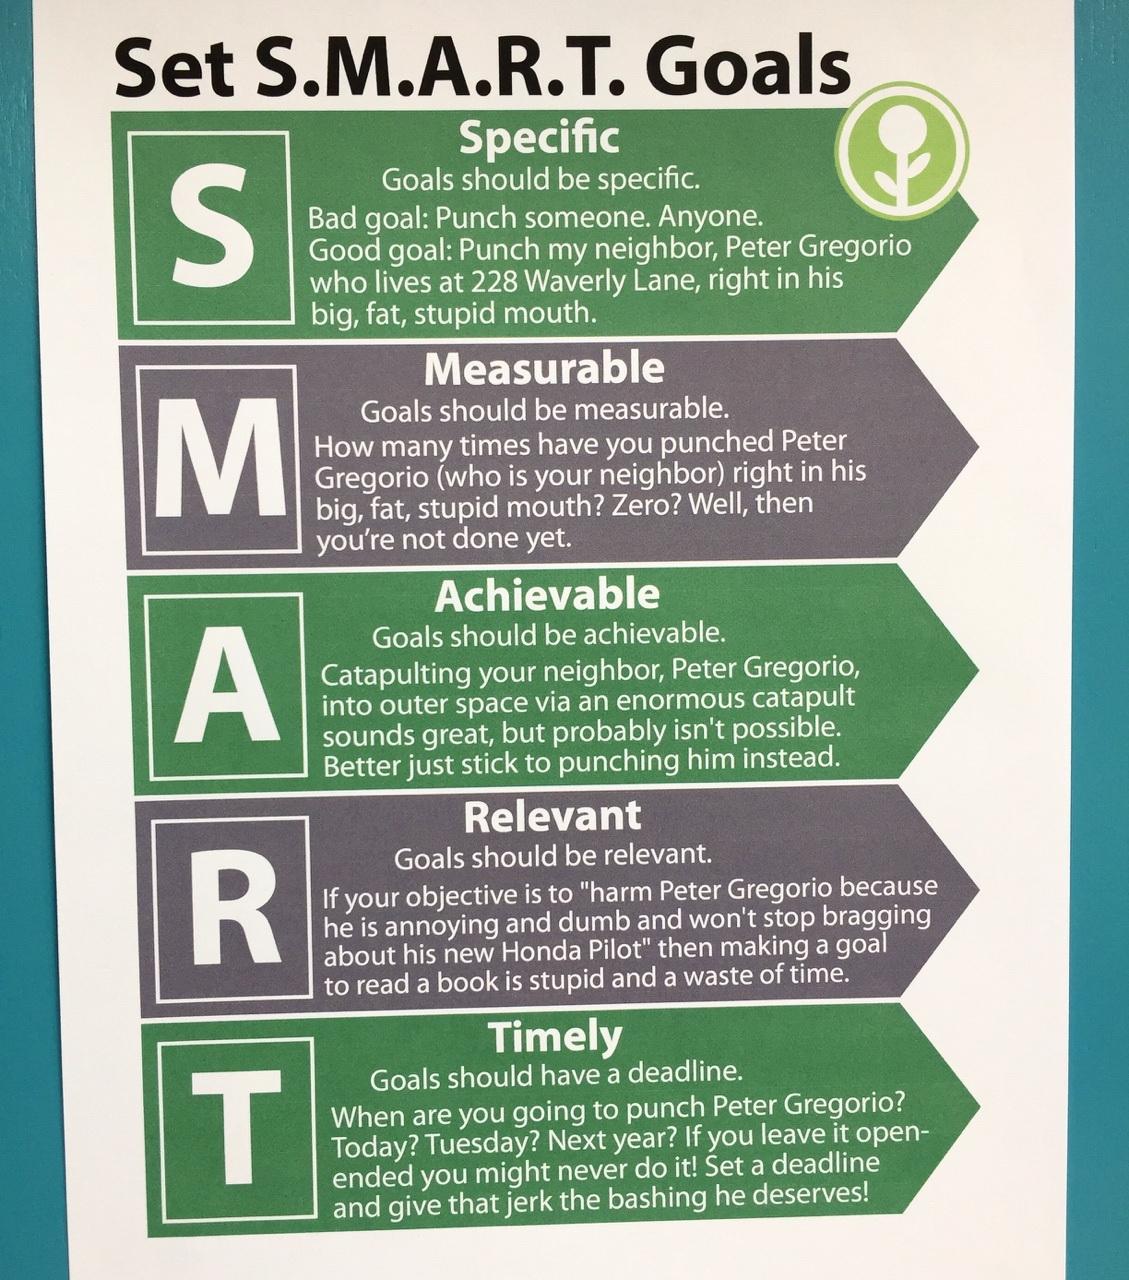 Set S.M.A.R.T. Goals.jpg